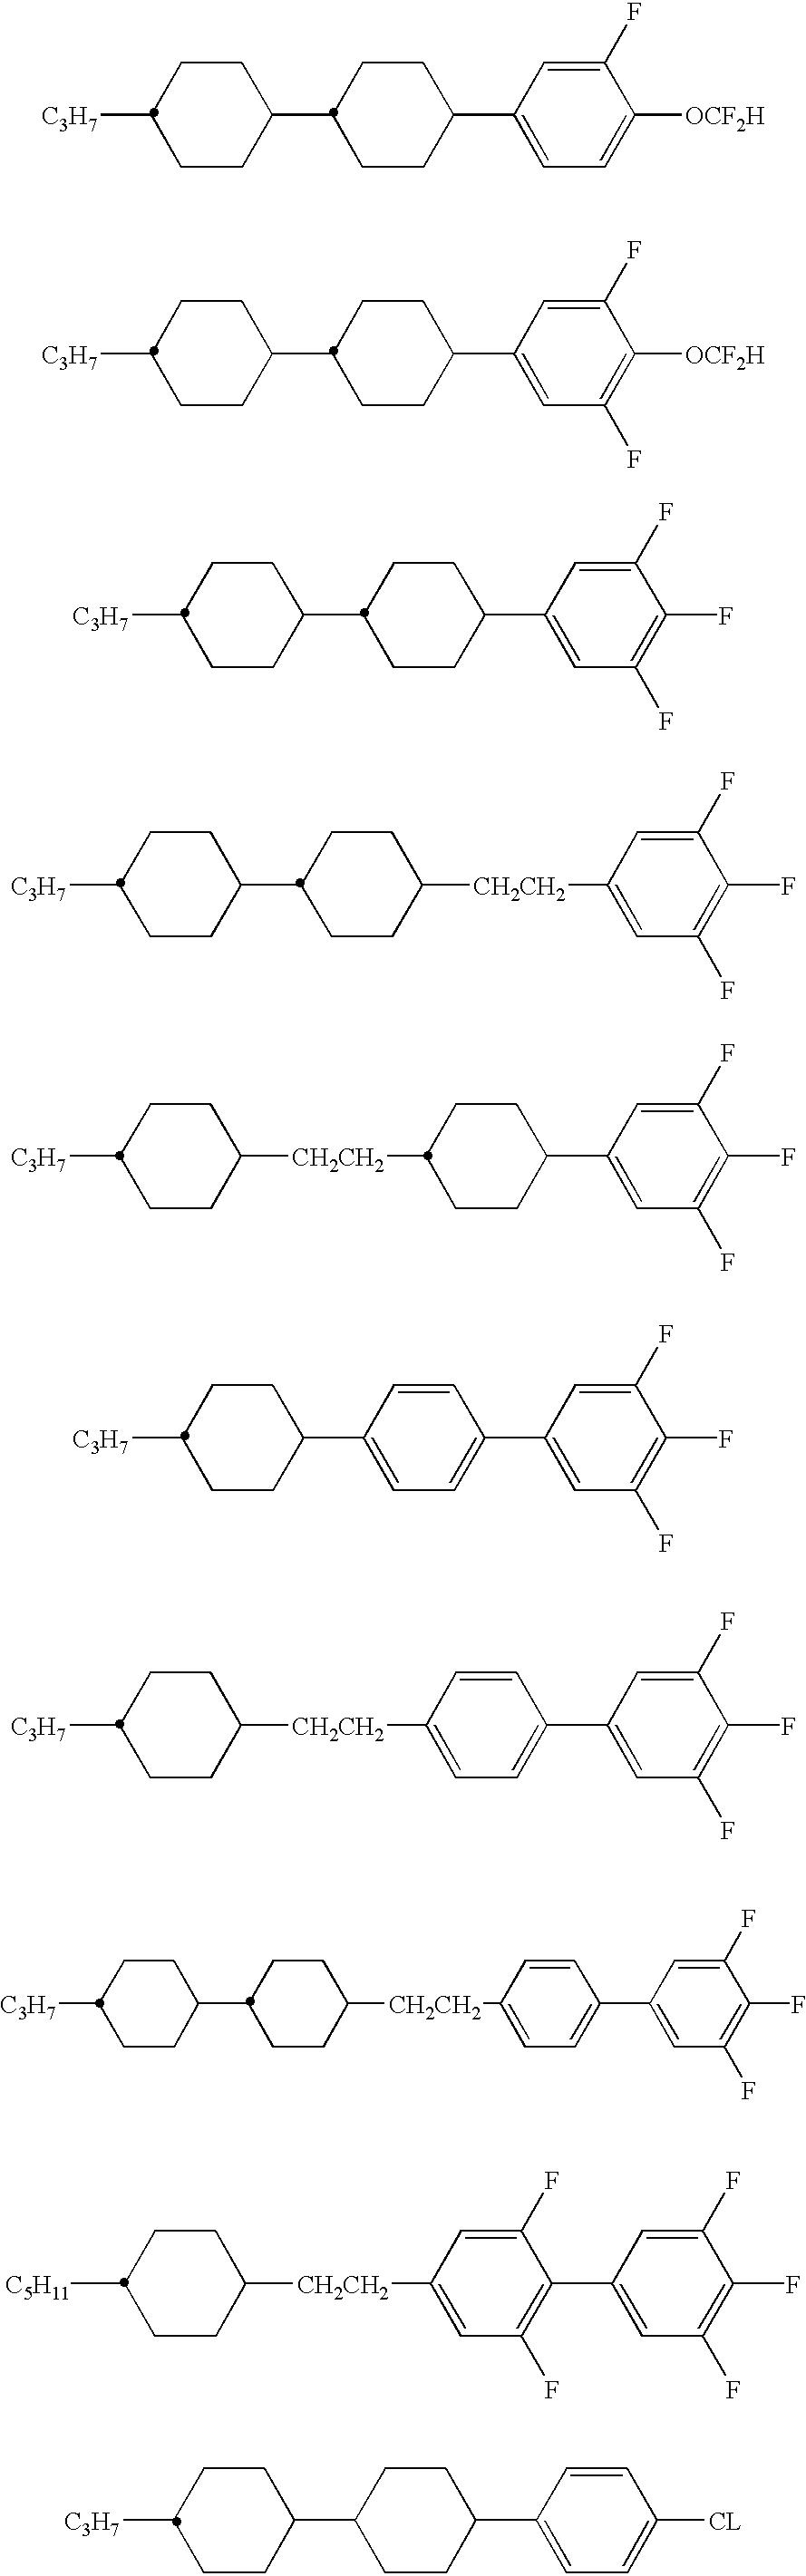 Figure US06580026-20030617-C00006